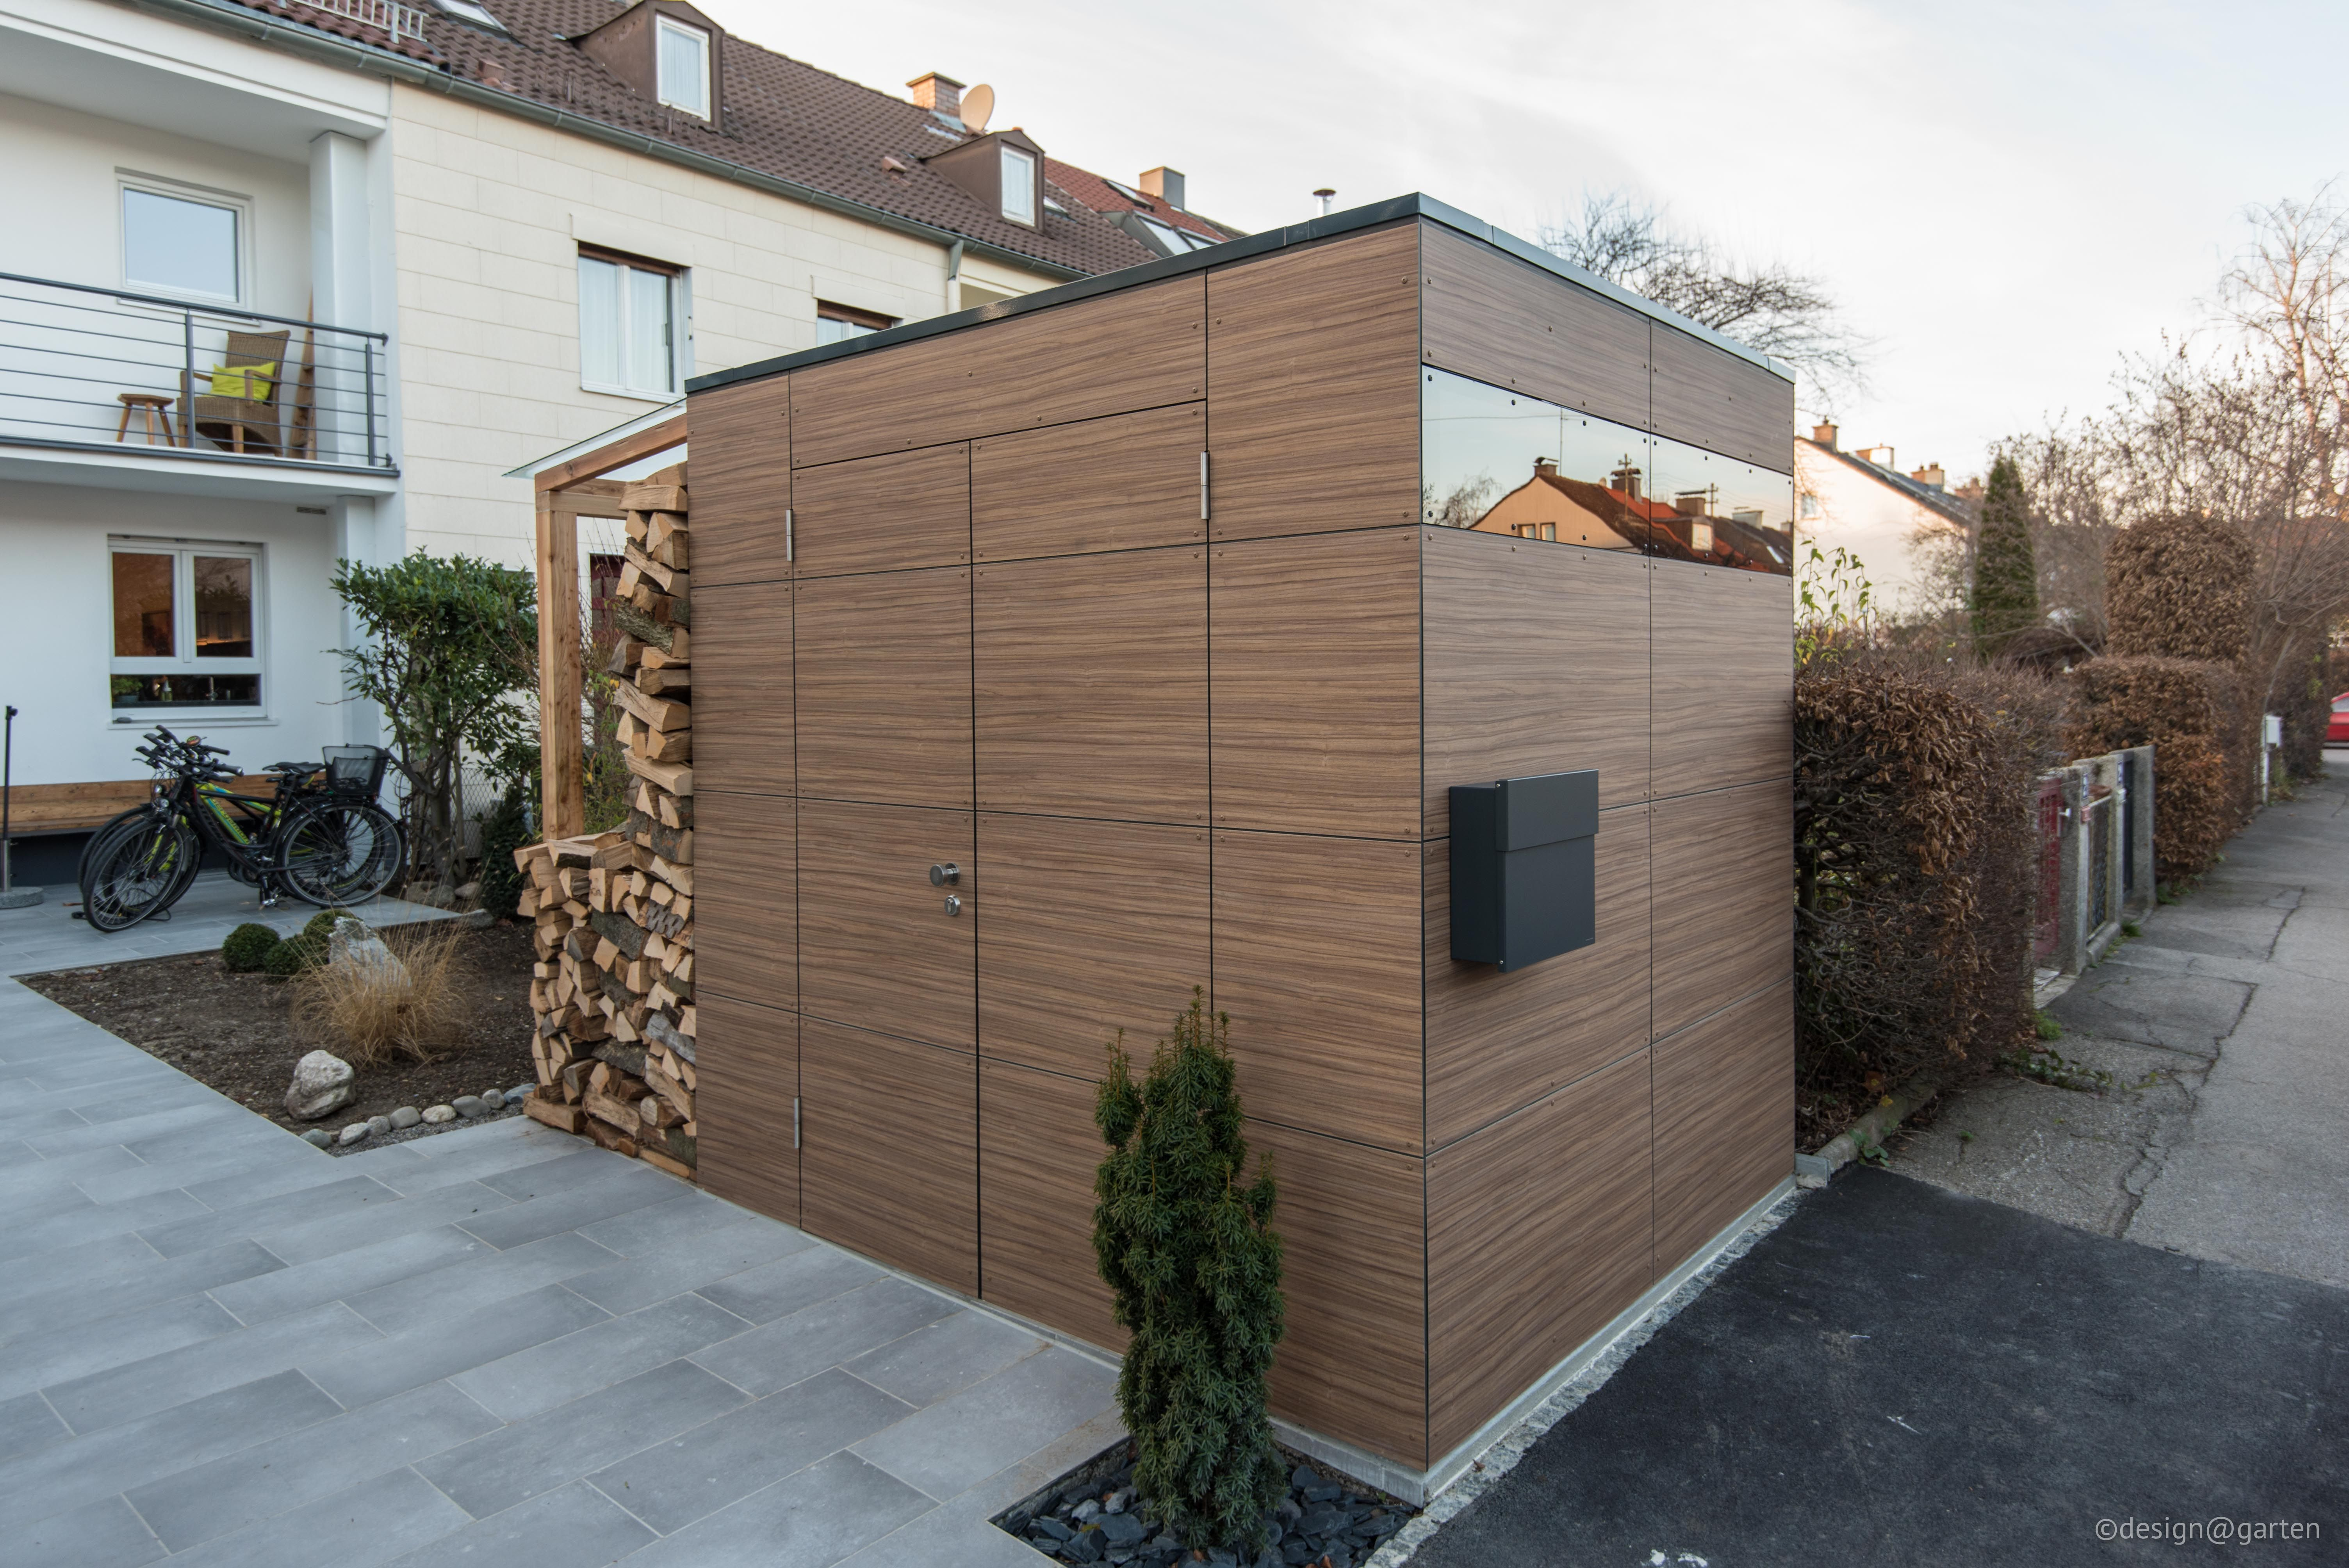 design gartenhaus french walnut by design garten. Black Bedroom Furniture Sets. Home Design Ideas